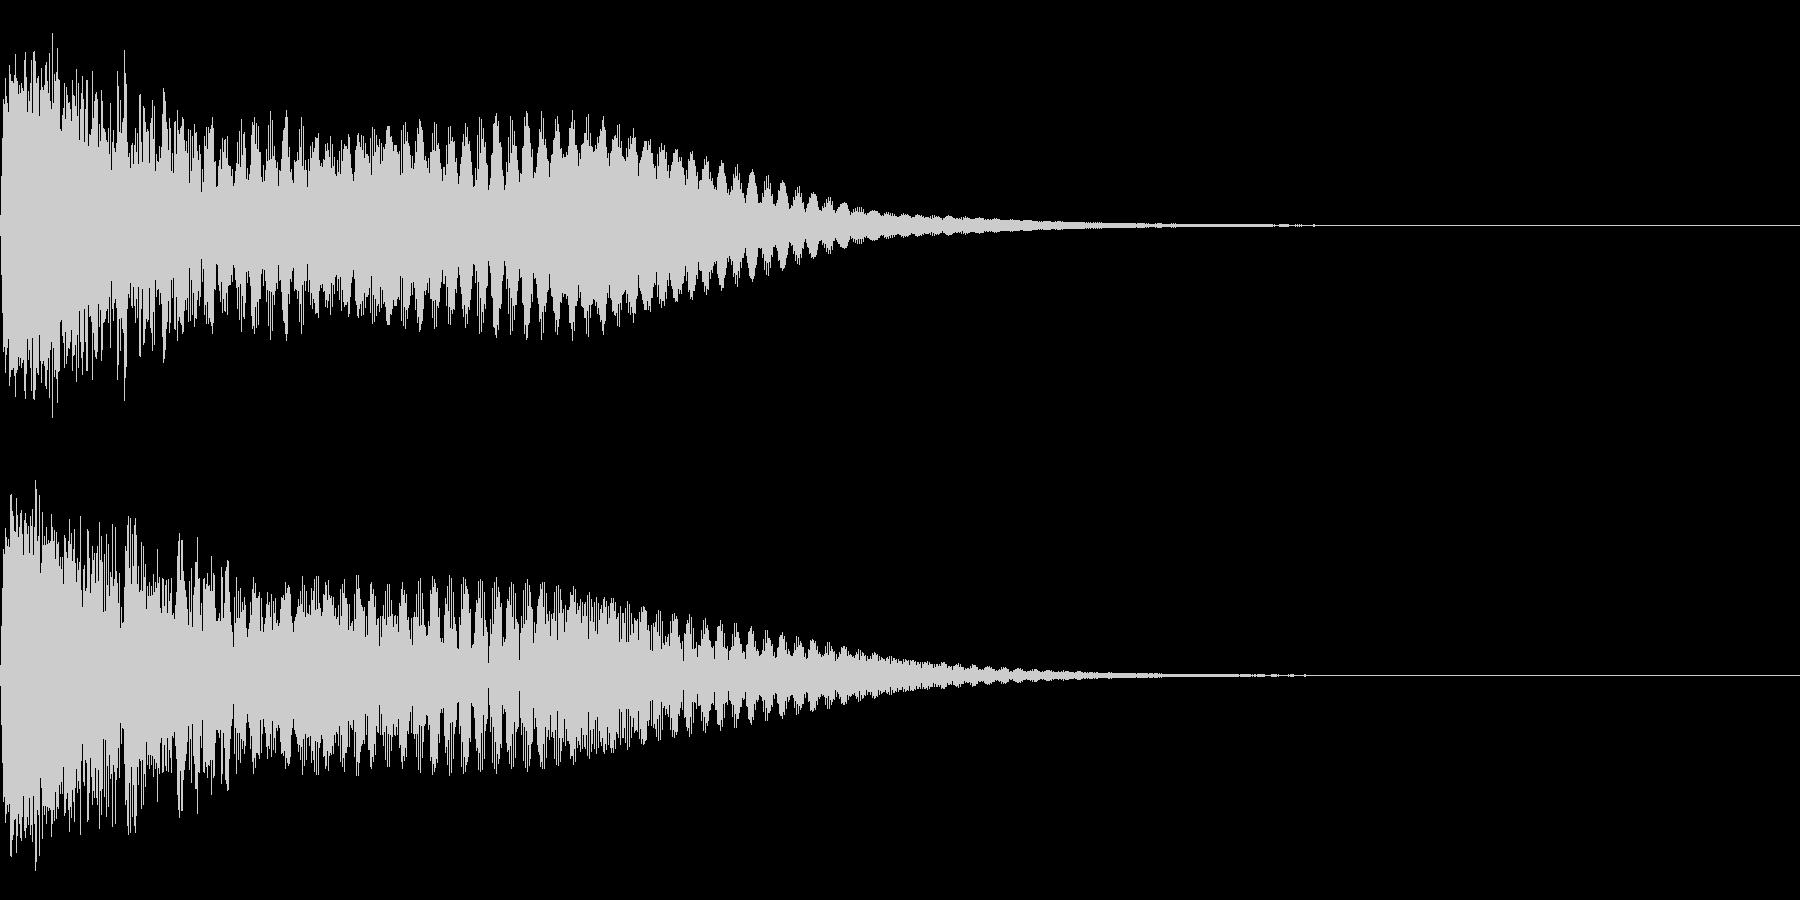 キュイン ボタン ピキーン キーン 24の未再生の波形